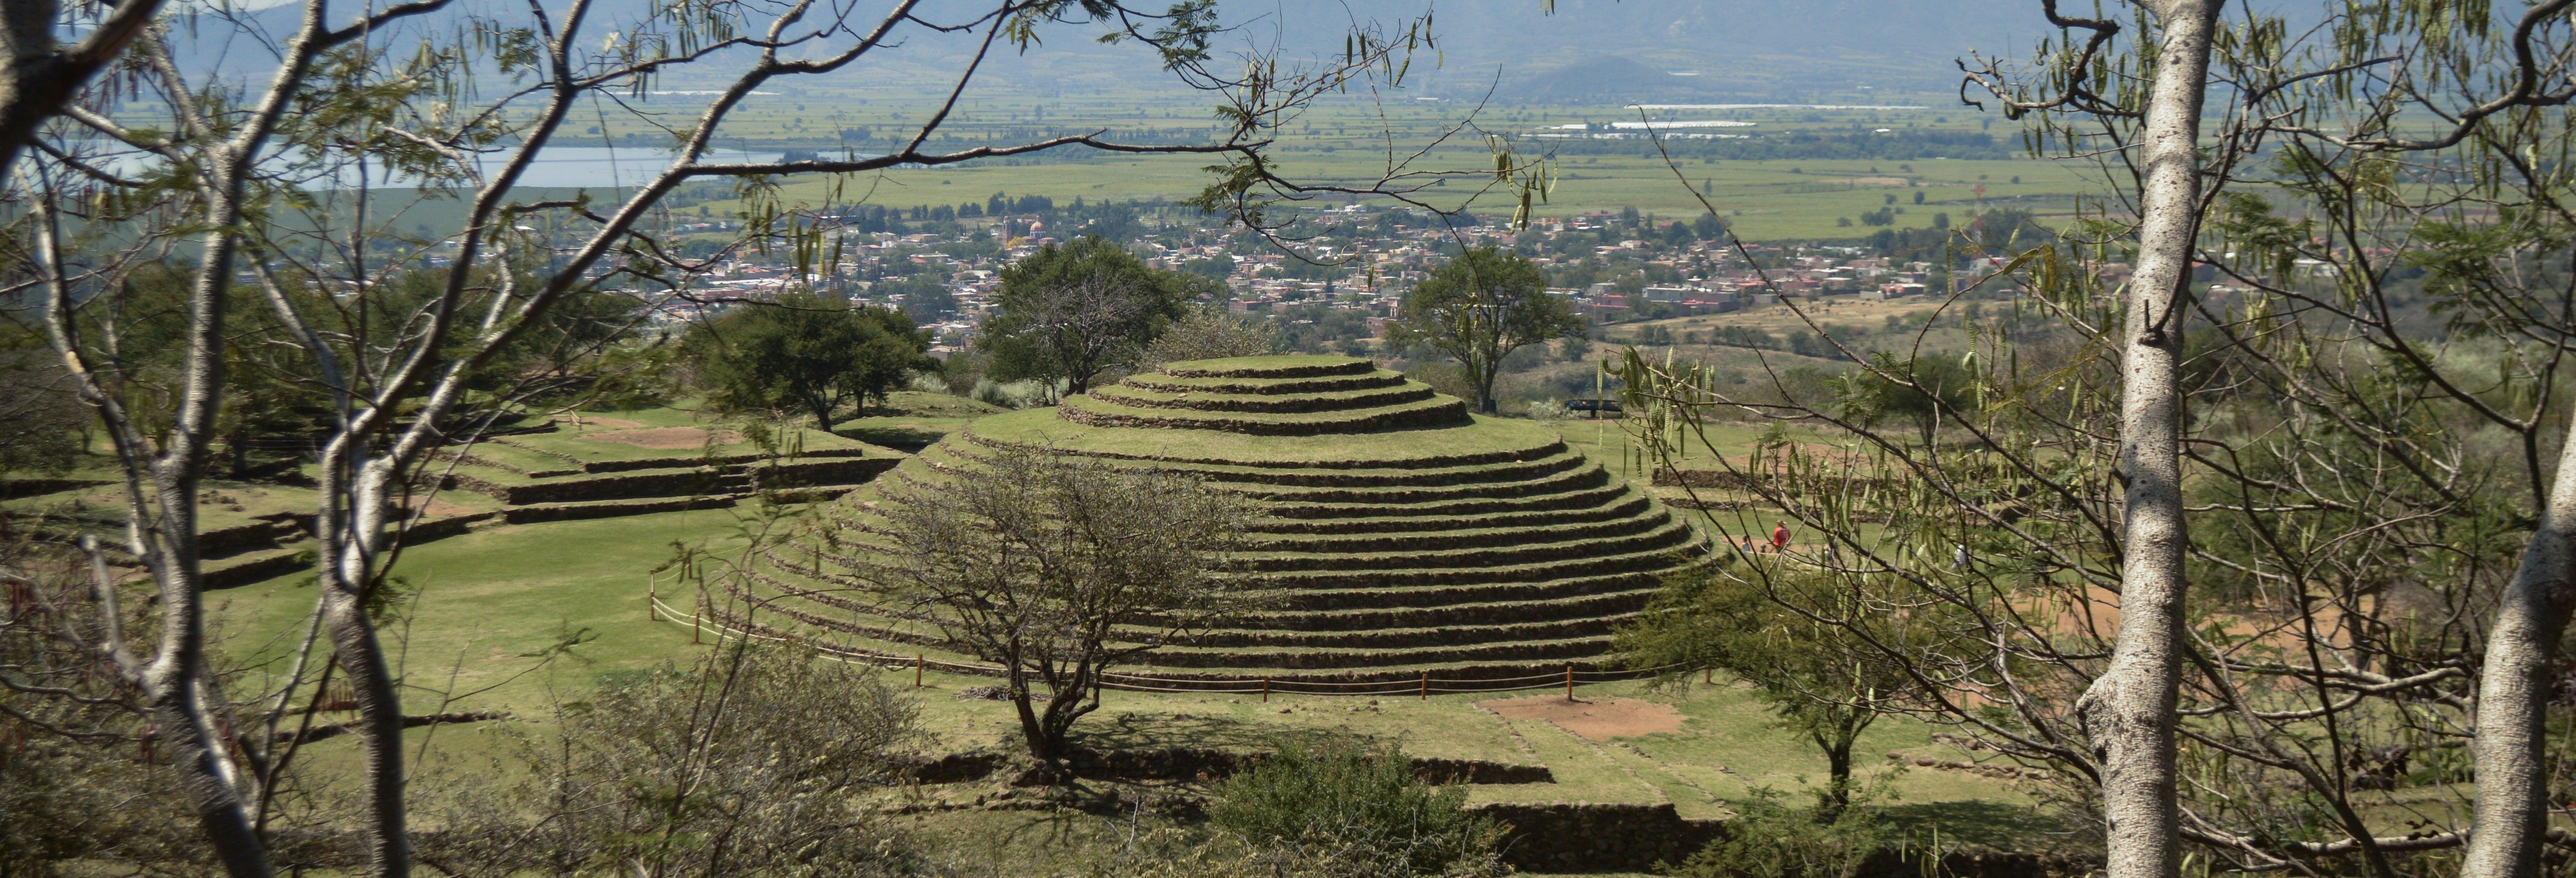 Excursión privada a Guachimontones